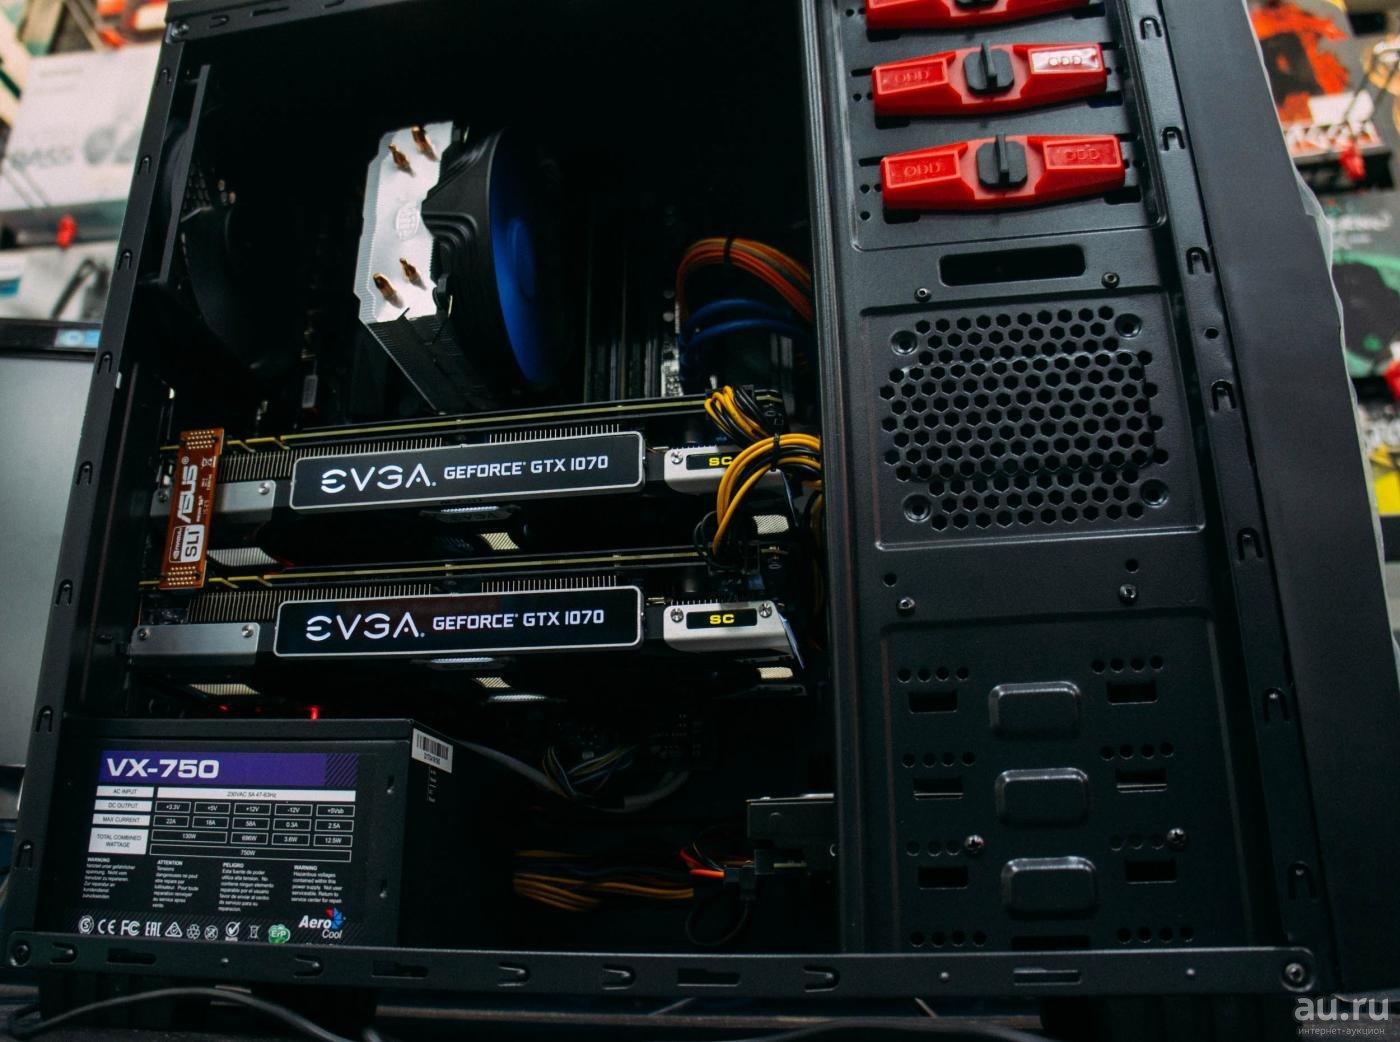 Куплю компьютеры и комплектующие